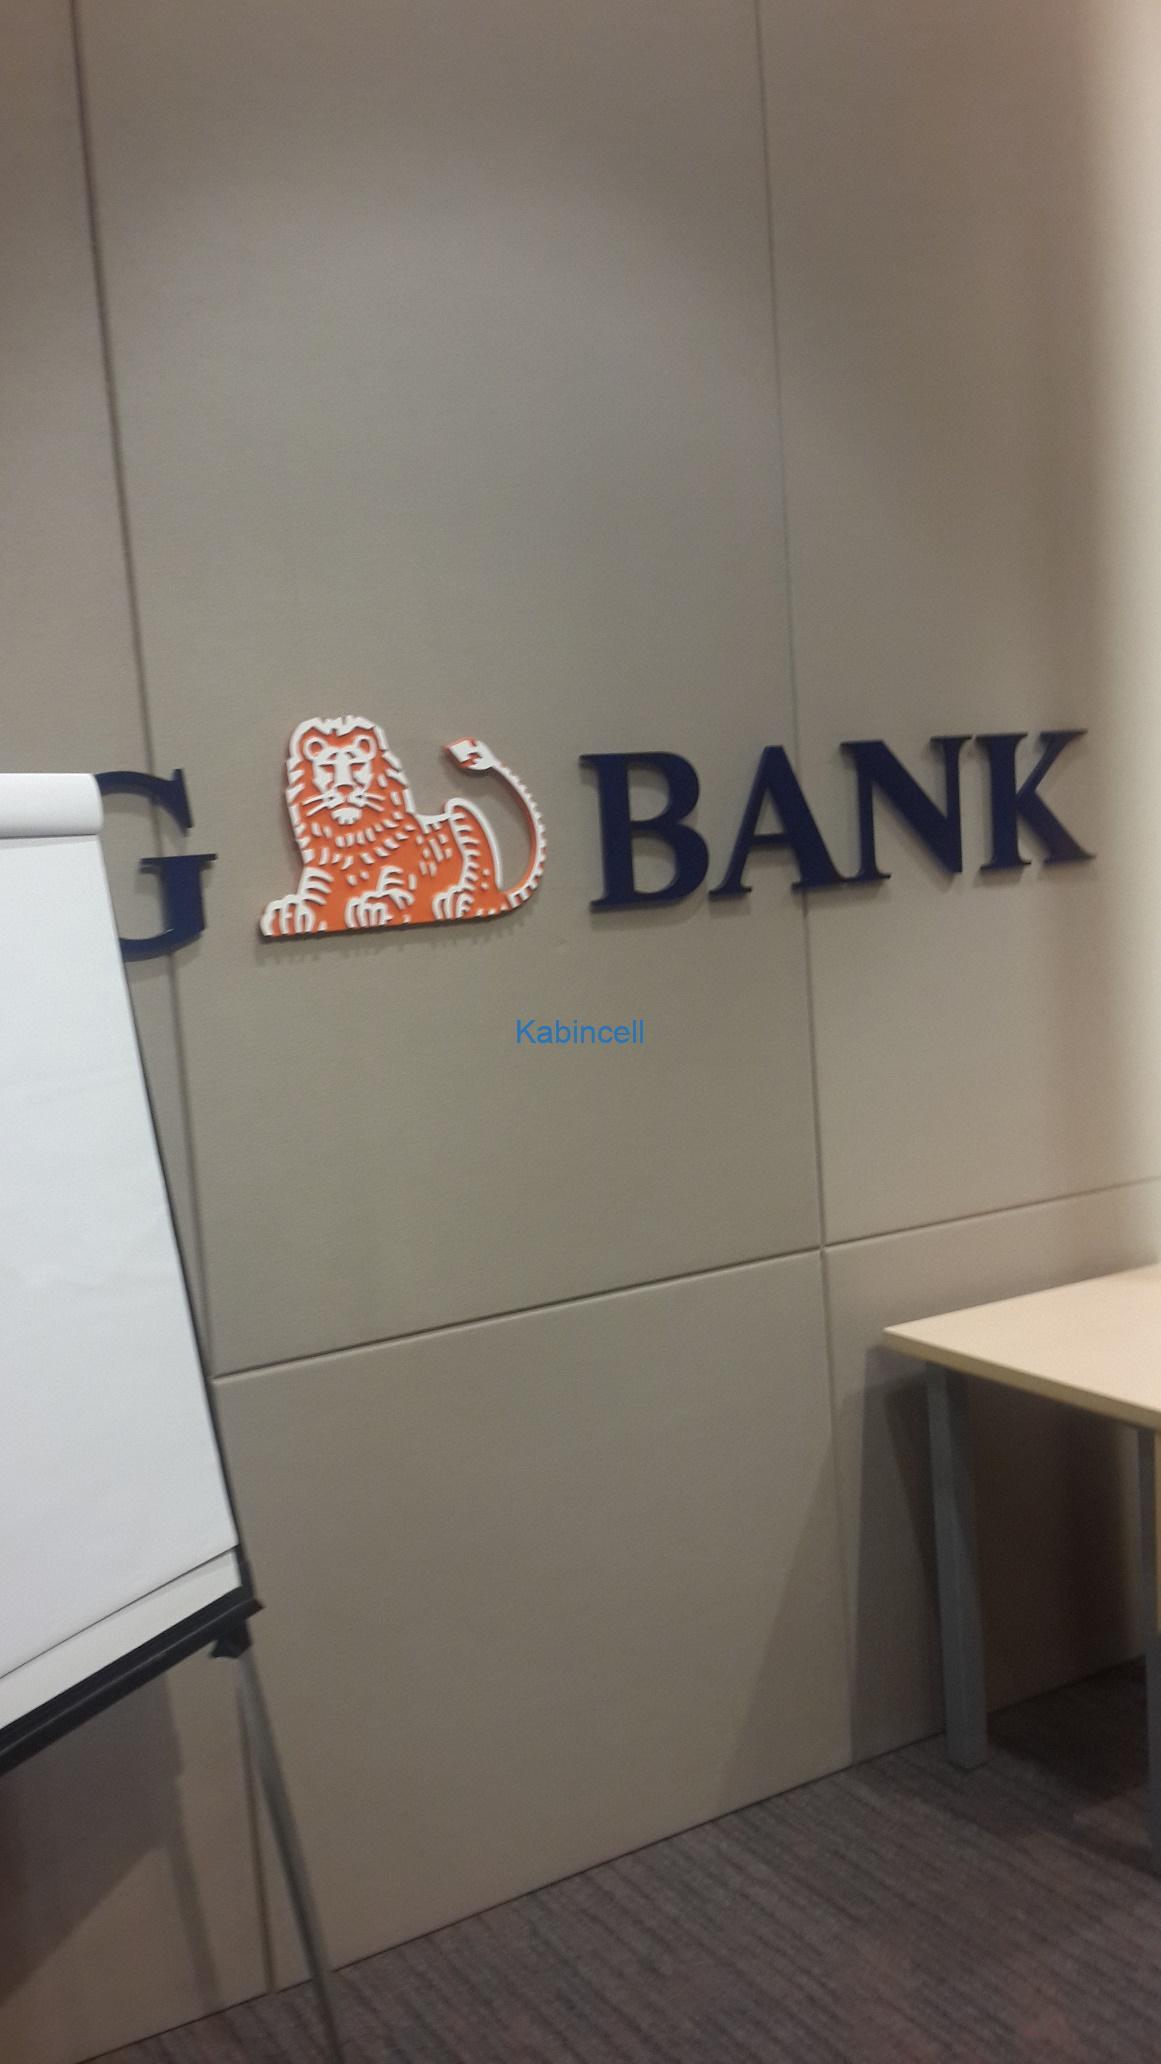 ing-bank-seminer-salonu-akustik-prjelendirme-kaplama-panel